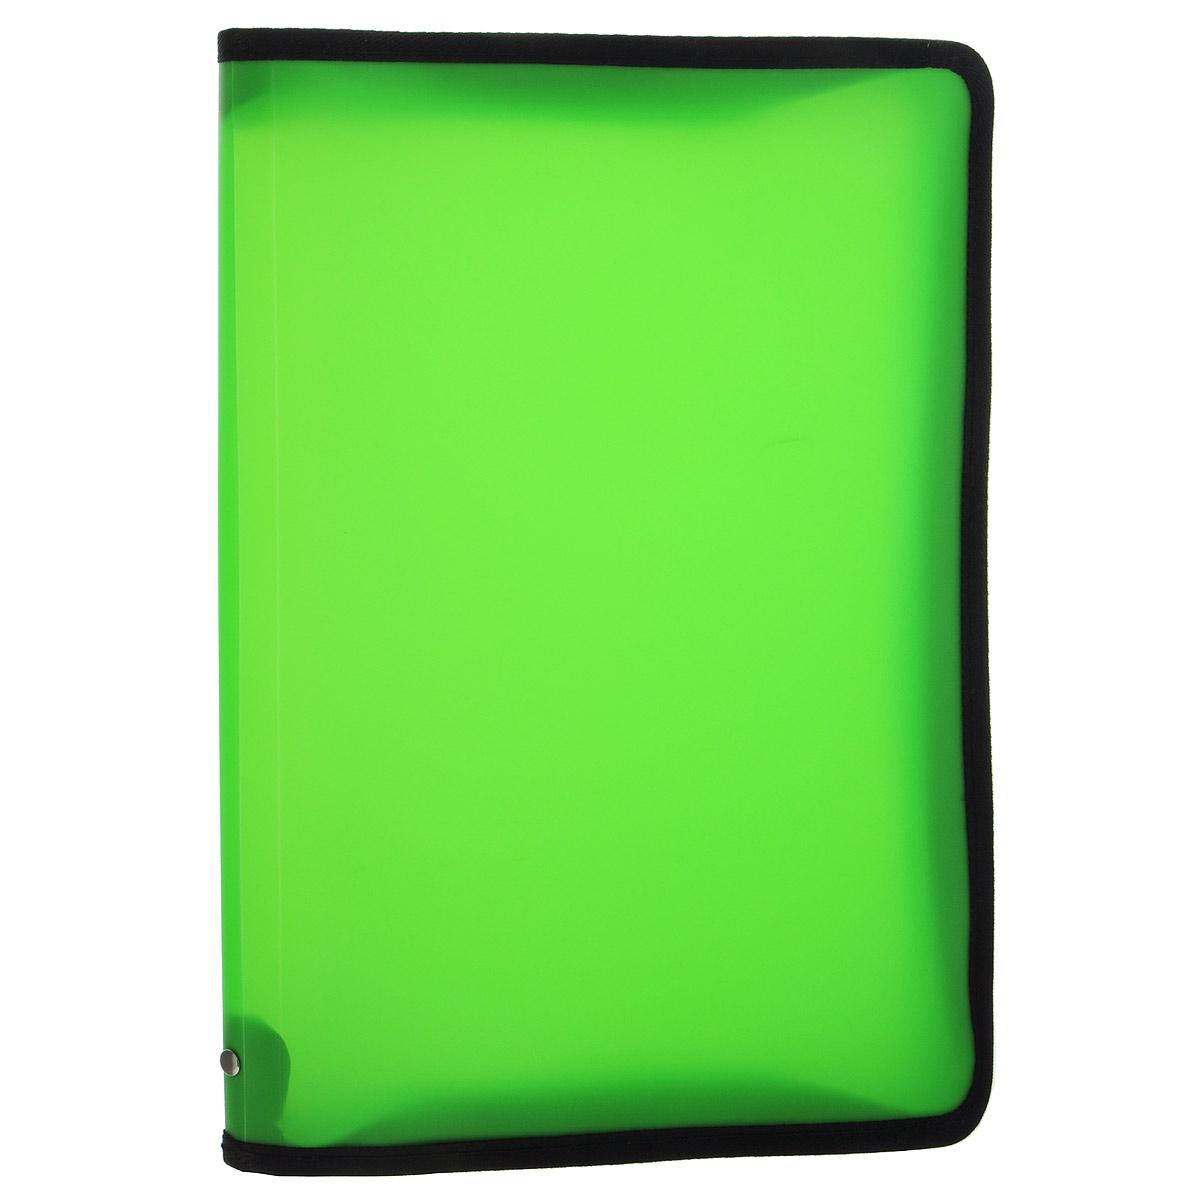 Папка Erich Krause, на молнии, цвет: зеленый. Формат А431012Папка Erich Krause - это удобный и функциональный офисный инструмент, предназначенный для хранения и транспортировки рабочих бумаг и документов формата А4, а также тетрадей и канцелярских принадлежностей. В папке одно вместительное отделение.Папка изготовлена из прочного высококачественного пластика, закрывается на круговую застежку-молнию. Папка состоит из одного отделения и имеет яркий неоновый зеленый цвет. Края папки отделаны полиэстером, а уголки имеют закругленную форму, что предотвращает их загибание и помогает надолго сохранить опрятный вид обложки.Папка - это незаменимый атрибут для любого студента, школьника или офисного работника. Такая папка надежно сохранит ваши бумаги и сбережет их от повреждений, пыли и влаги.